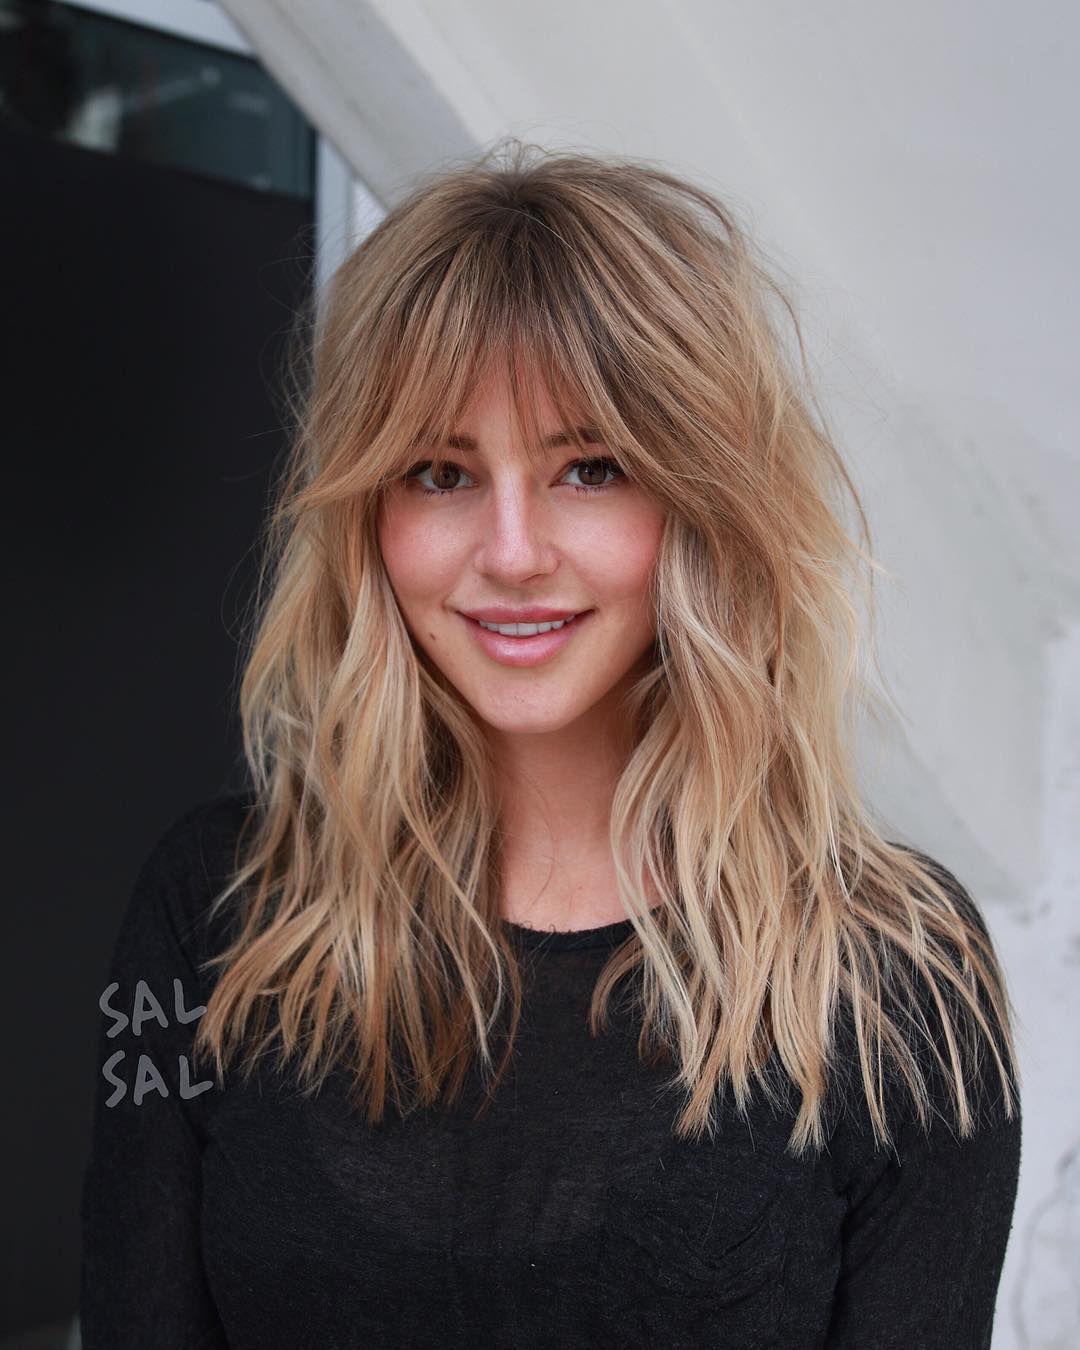 The Pretty Shag: Najpopularnija frizura 2021. godine sada dolazi i u verziji koju će obožavati ljubiteljice razbarušenih valova